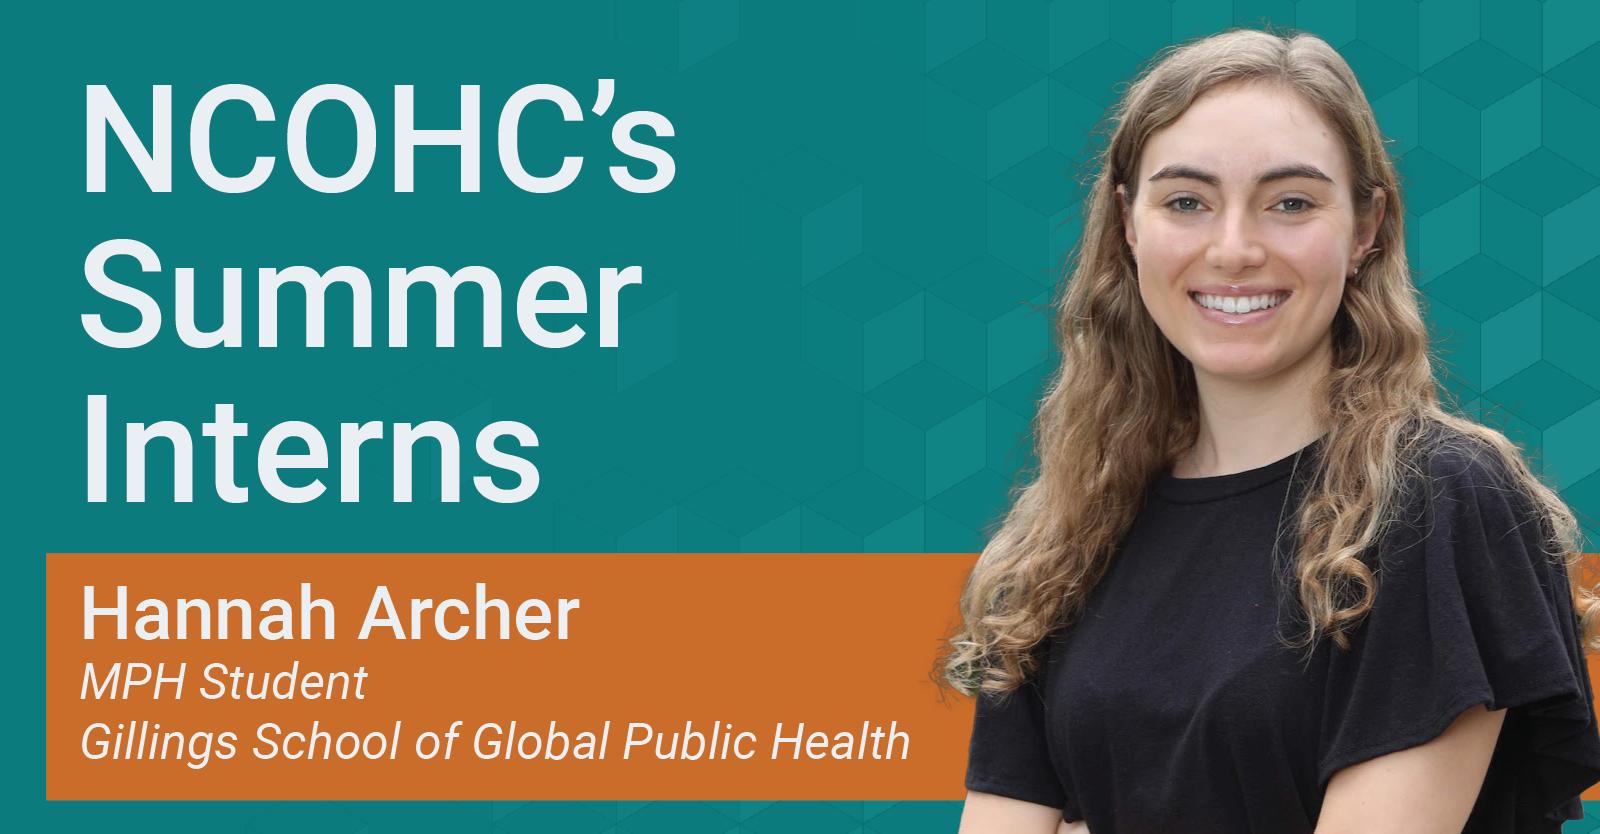 Meet NCOHC's Summer Interns Part 2: Hannah Archer